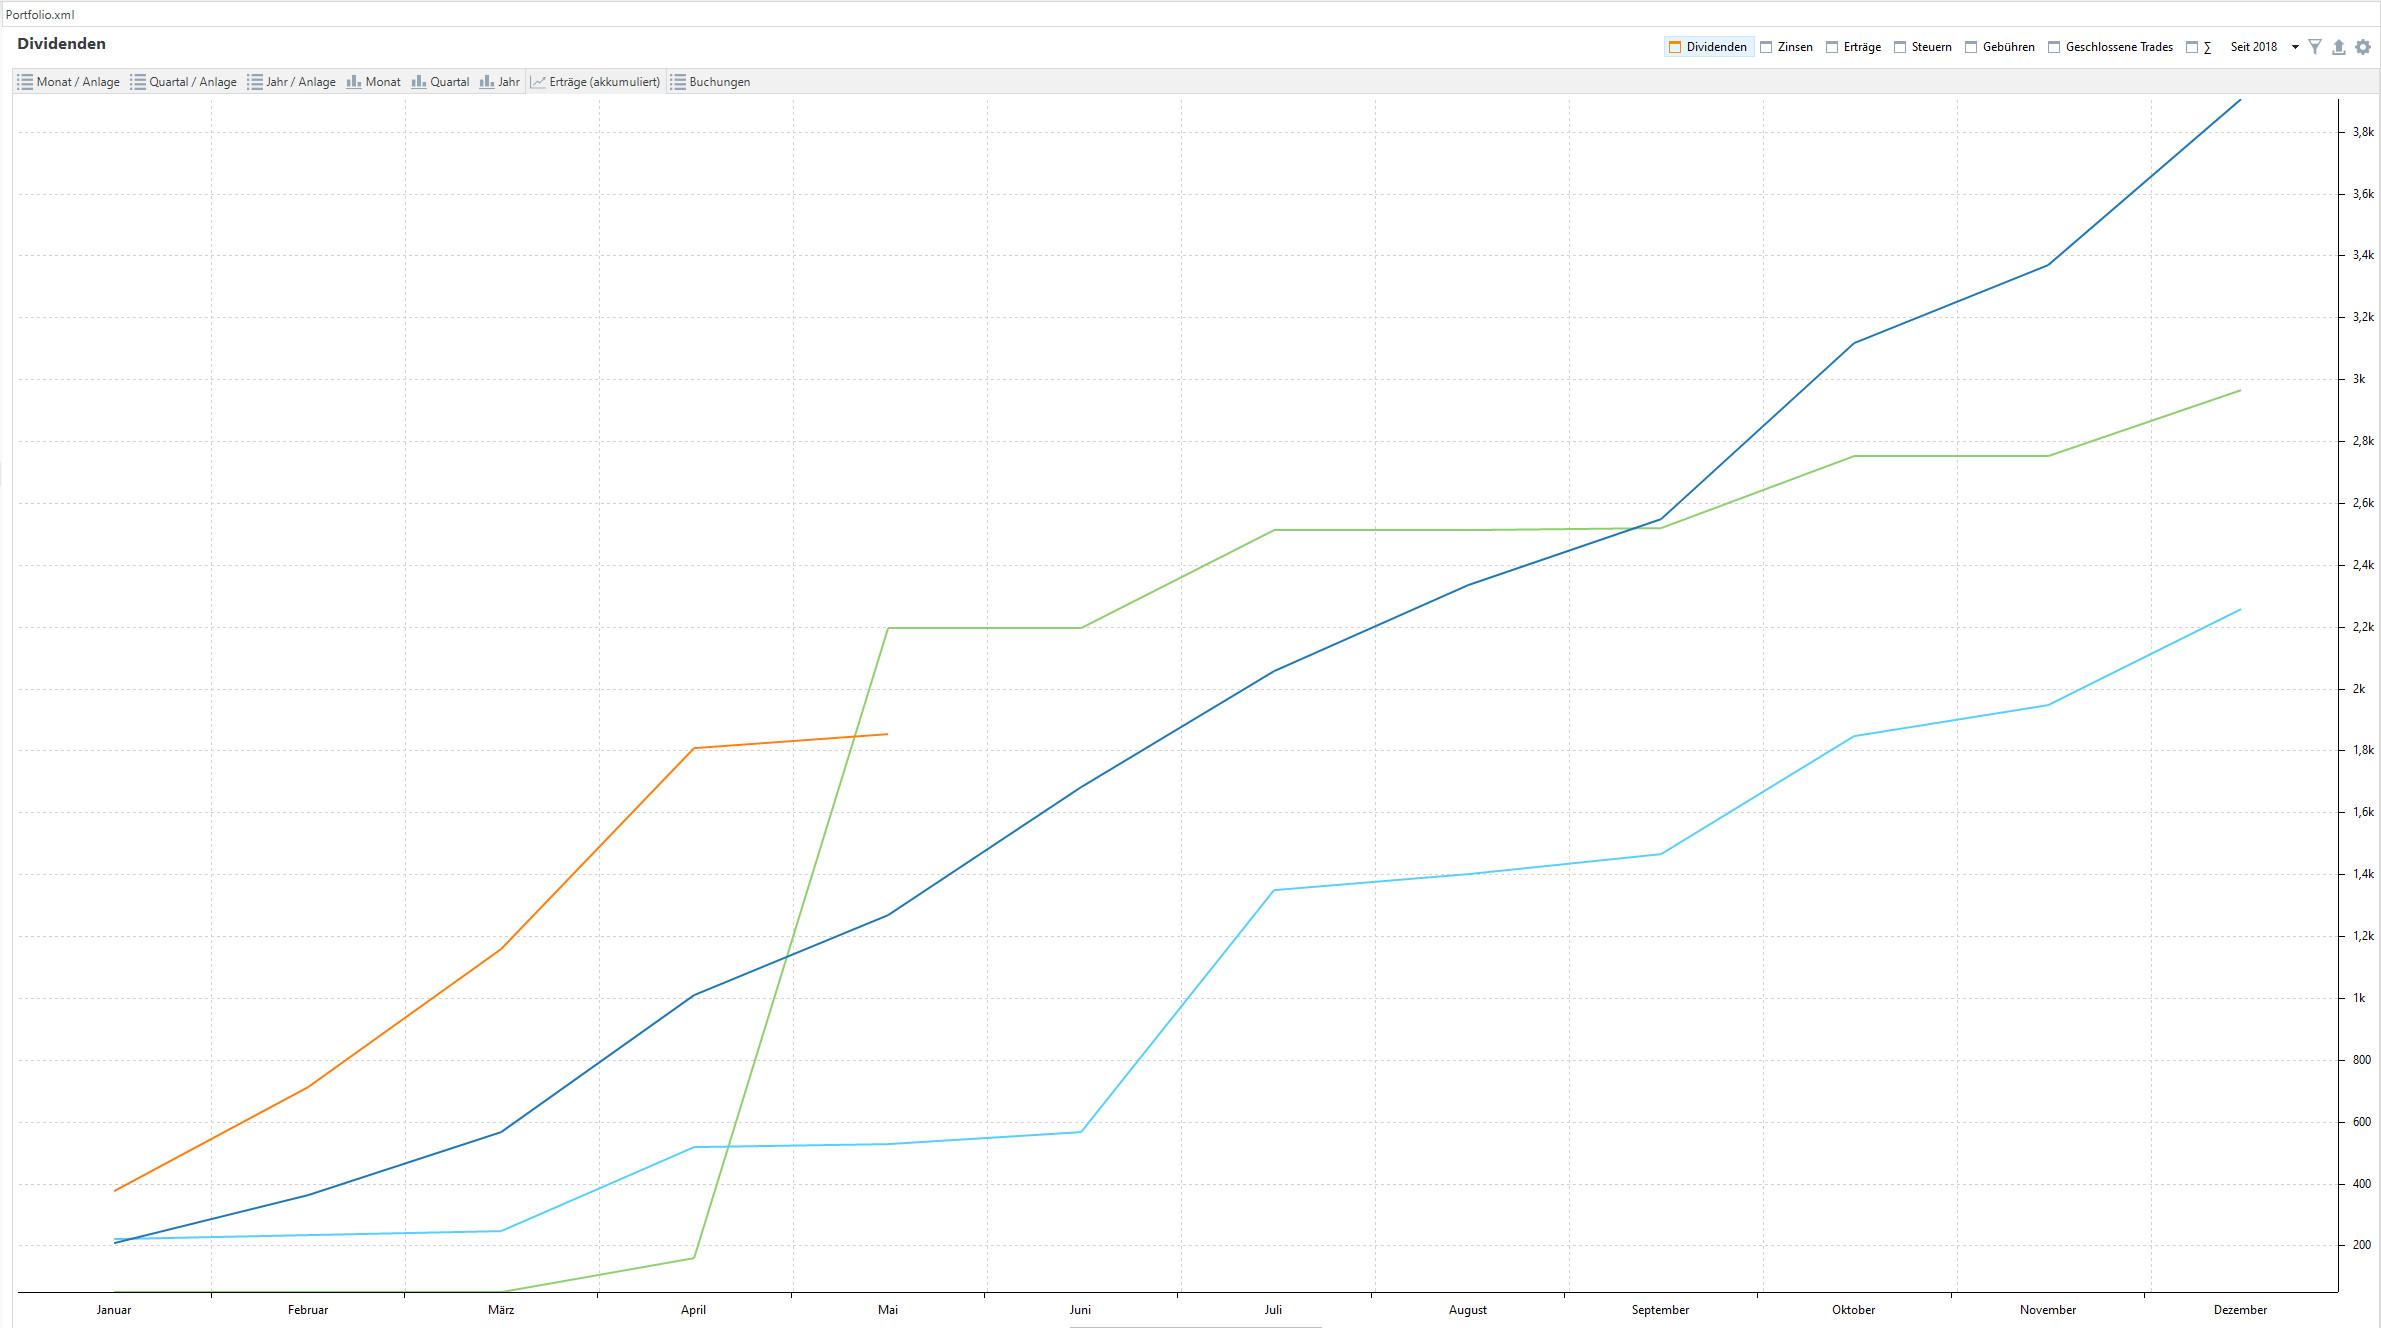 Jahresdepotübersicht 2021-Q1 - Dividend income chart